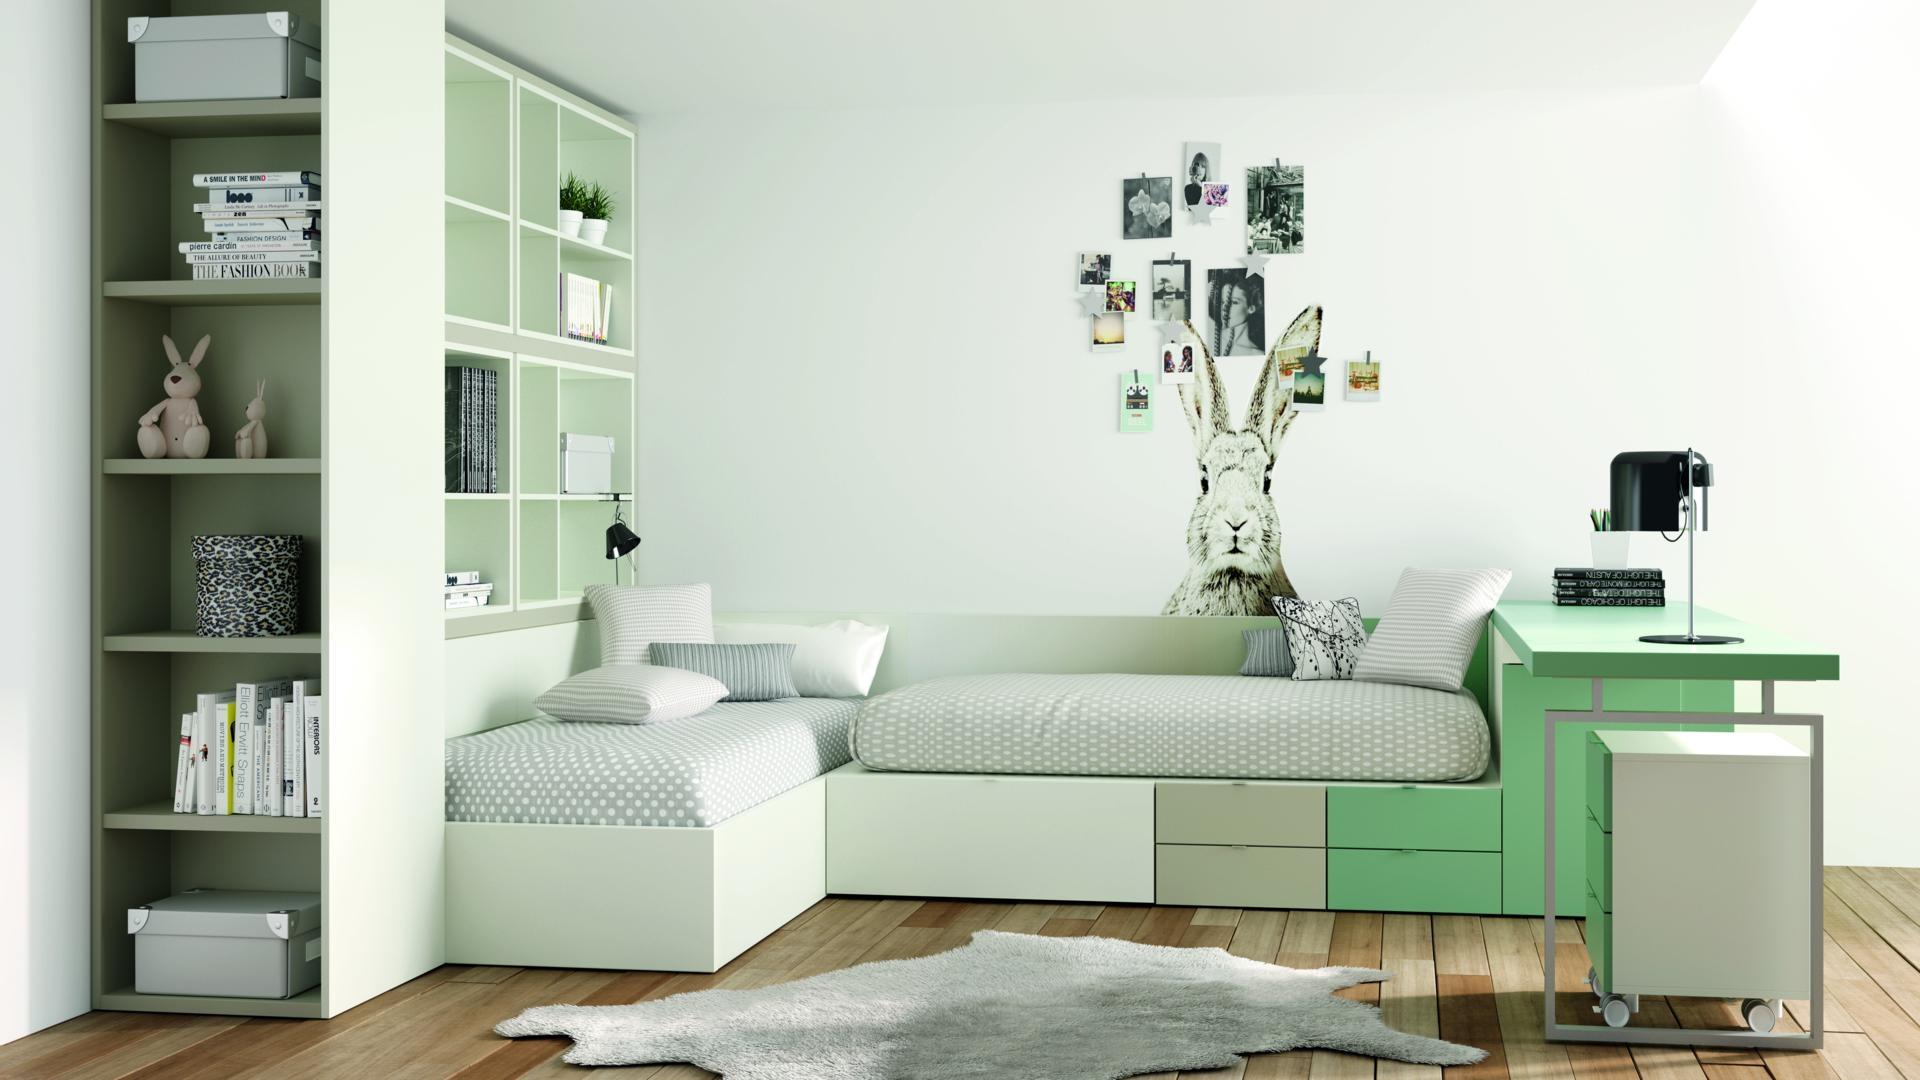 La tienda de muebles mart n - Muebles nieto dormitorios juveniles ...